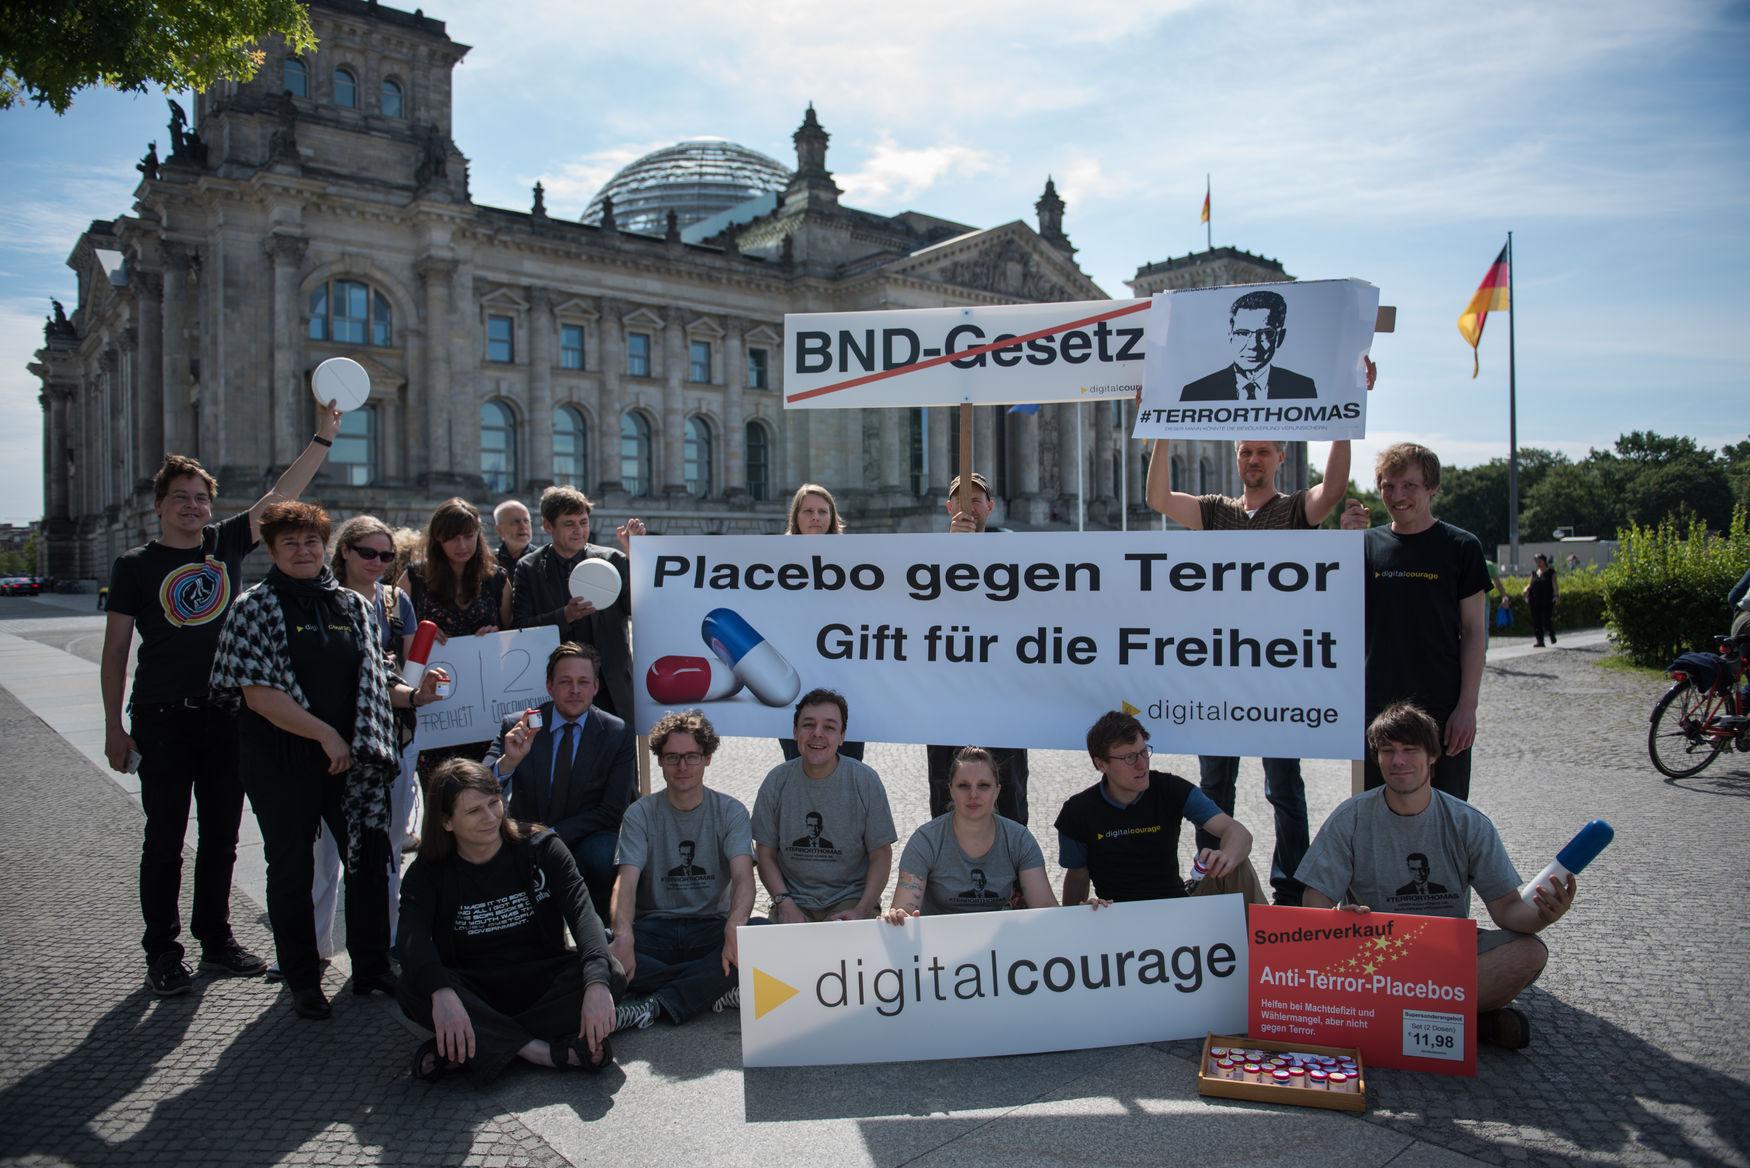 Konstantin von Notz (MdB Grüne) kam zu uns vor den Bundestag und schaute sich unsere Anti-Terror-Placebos an. Später kritisierte er in seiner Rede im Bundestag das BND-Gesetz scharf.